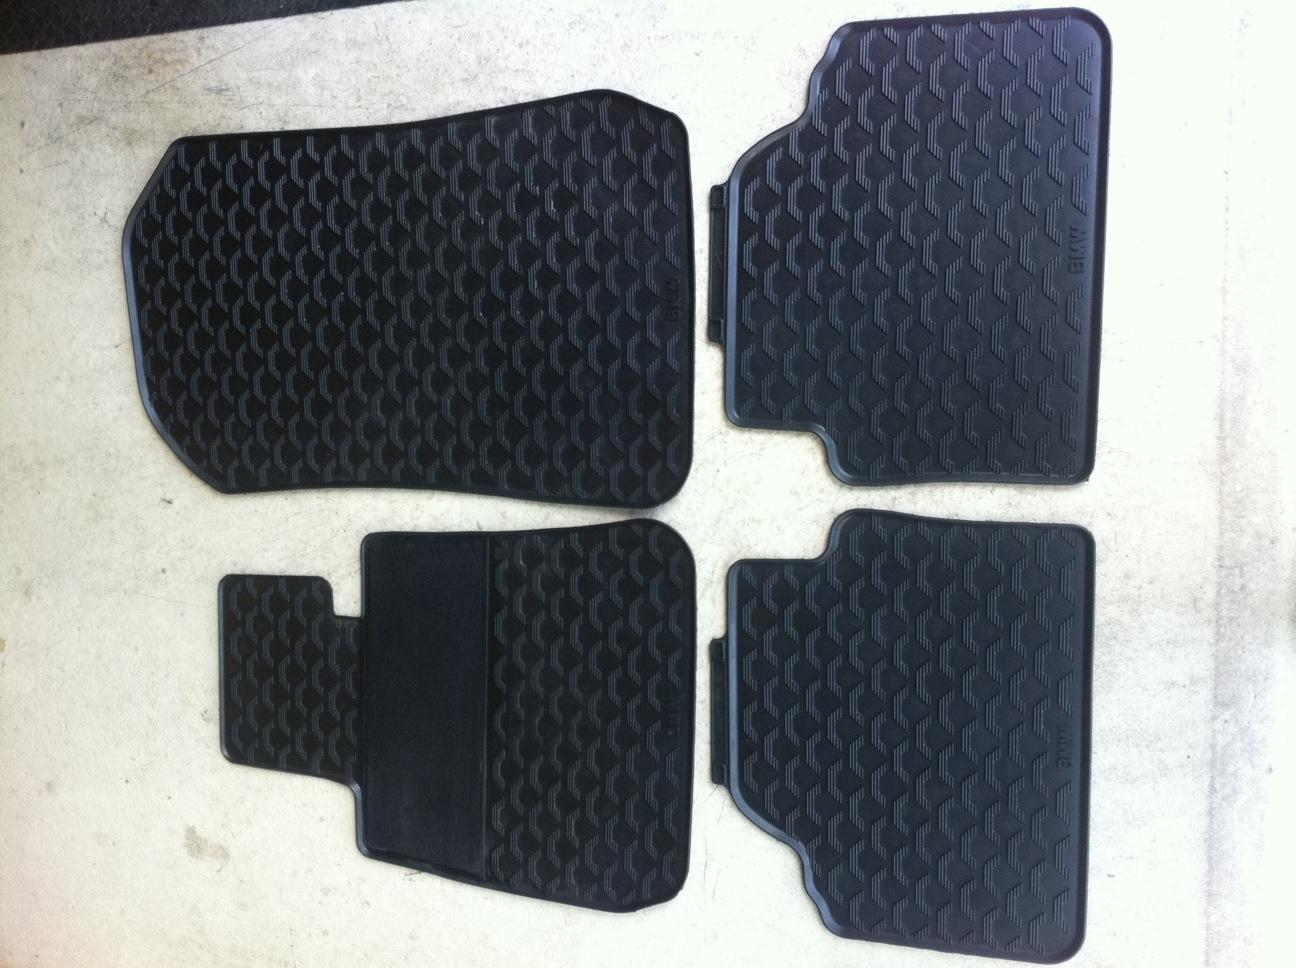 Bmw floor mats x1 - Bmw Floor Mats X1 23